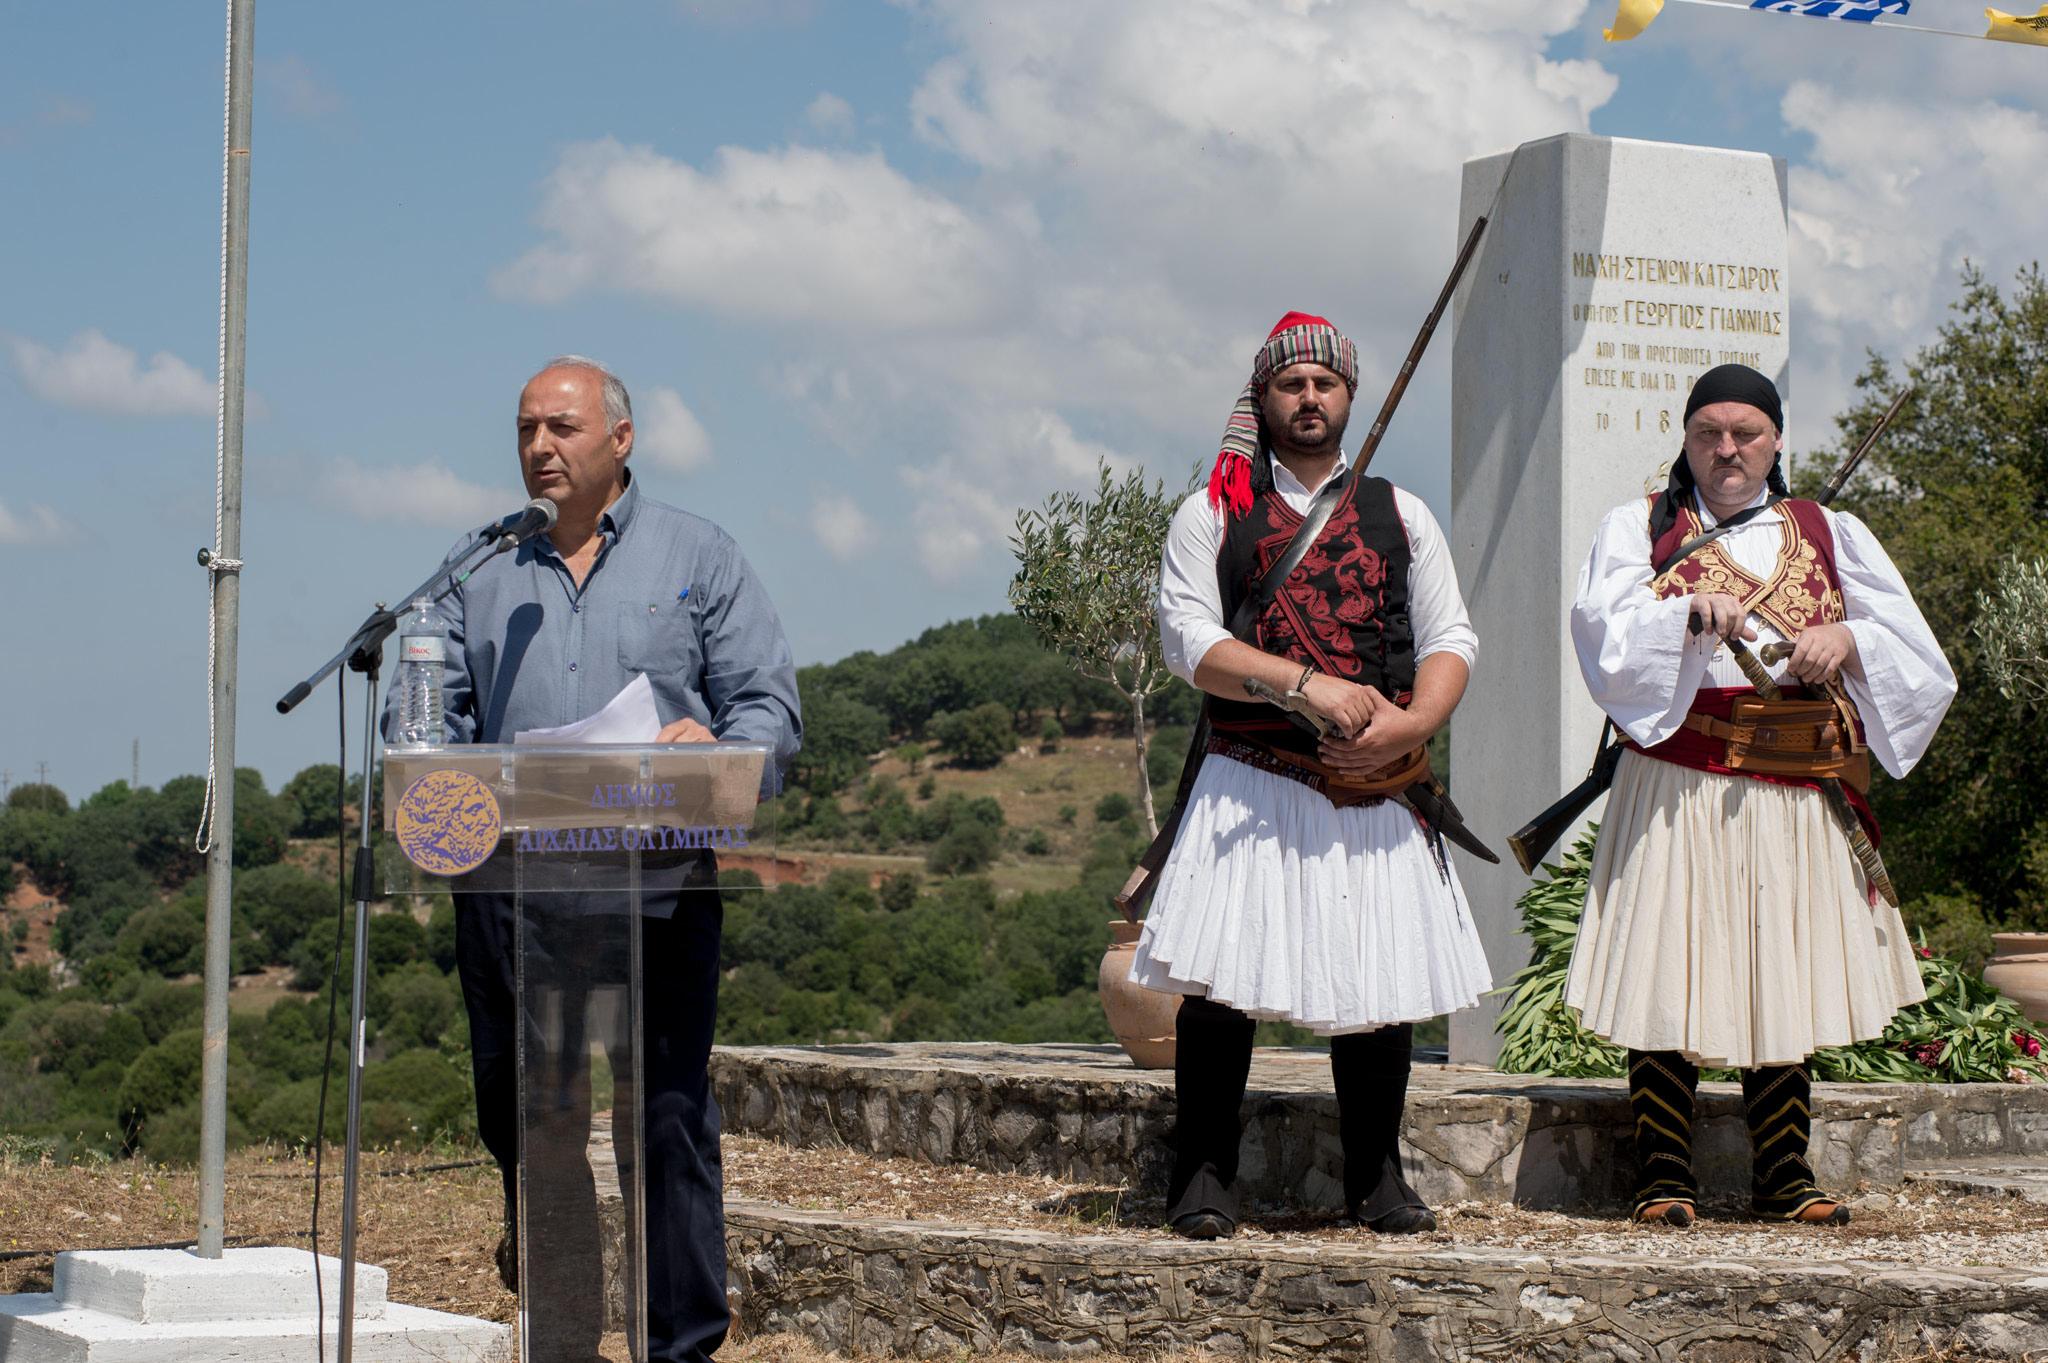 Τιμήθηκε η ηρωική θυσία του Καπετάν Γιώργη Γιαννιά  -Η πρώτη εκδήλωση του Δήμου Αρχαίας Ολυμπίας για τα 200 χρόνια Παλιγγενεσίας (photos)